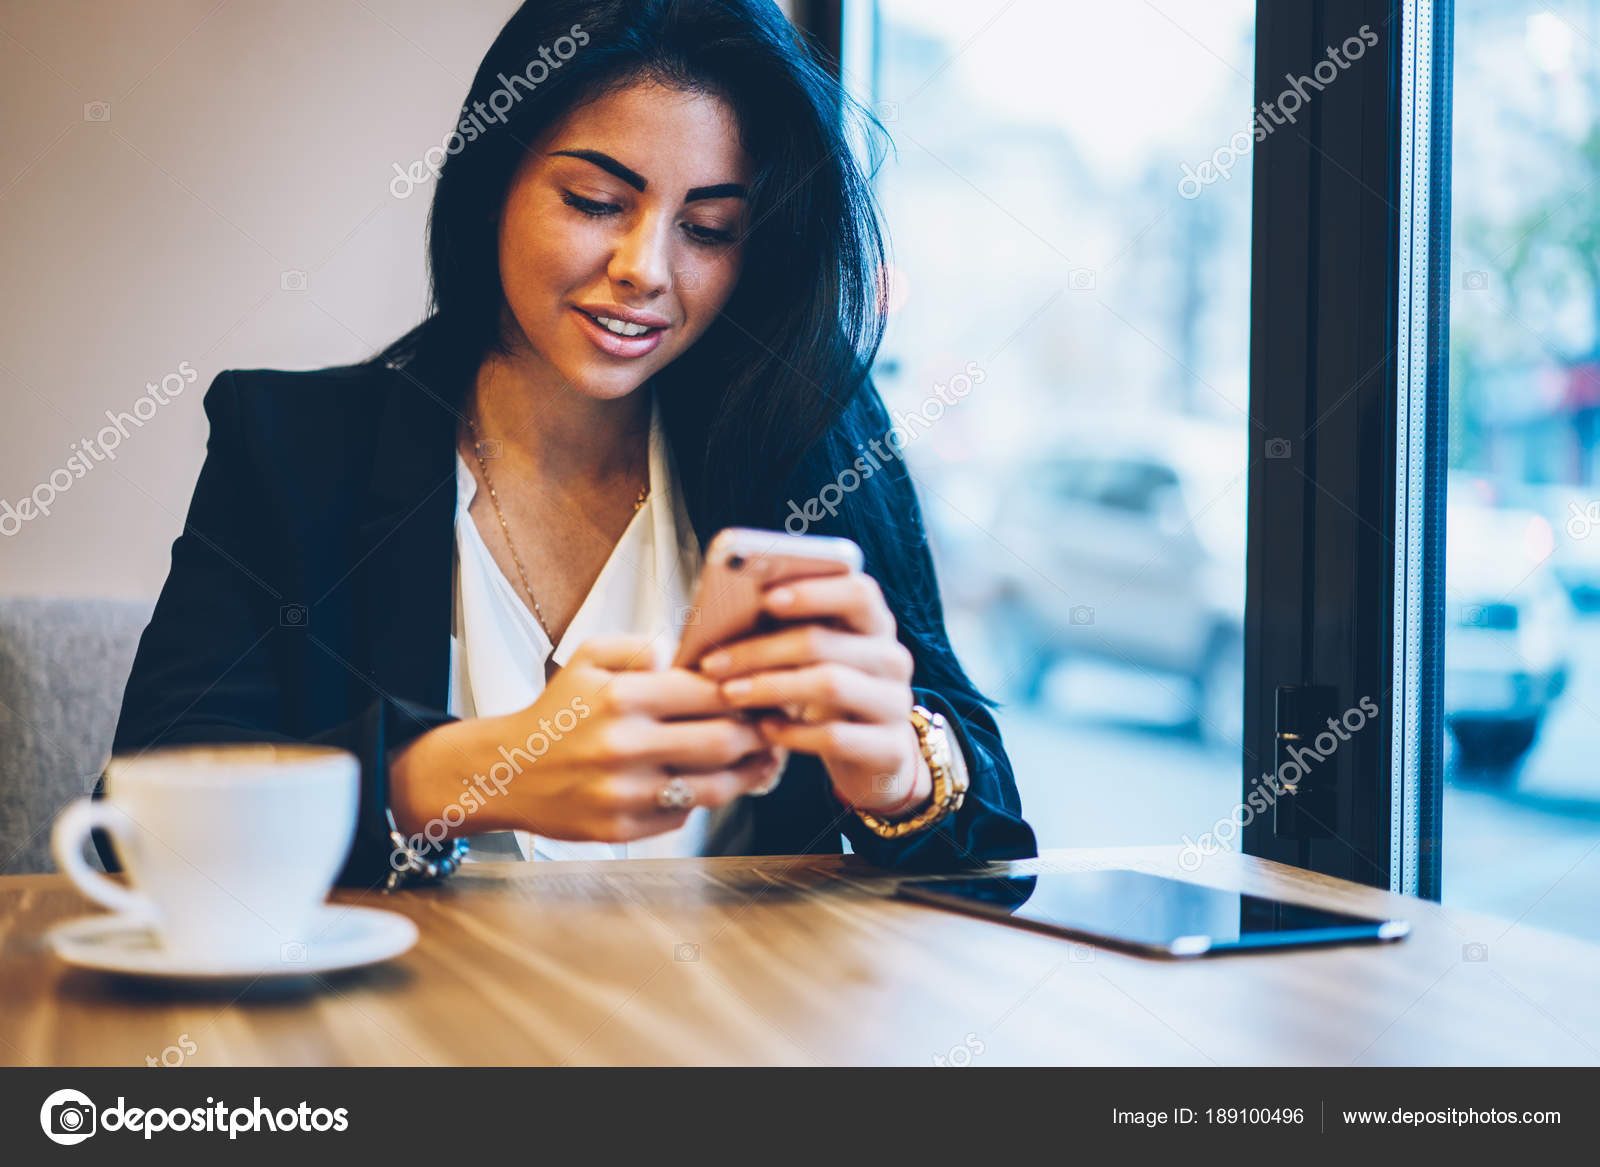 cf44c3ca0f31 Oříznutý obraz okouzlující usmívající se dívky bokovky s legrační online  chatování s přáteli na sociální síti prostřednictvím telefonu. Roztomilé  ženské ...